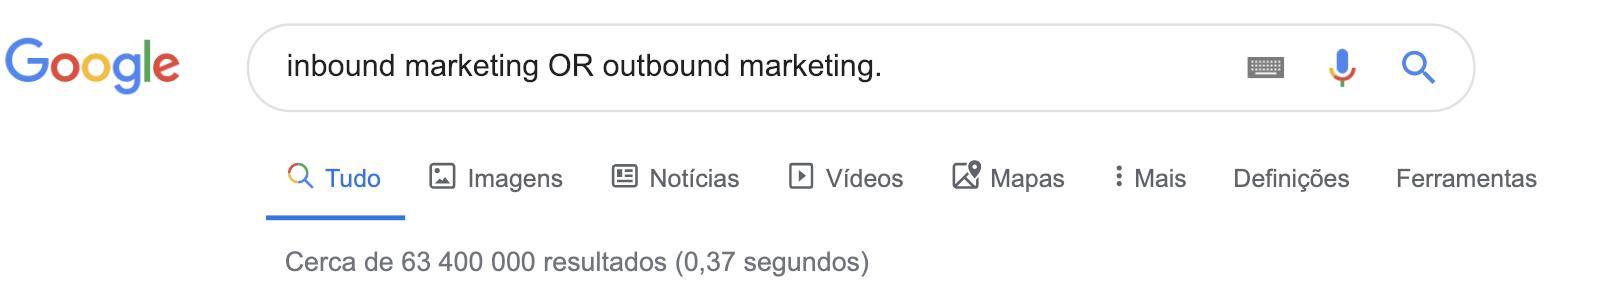 pesquisa-google-or-sintax